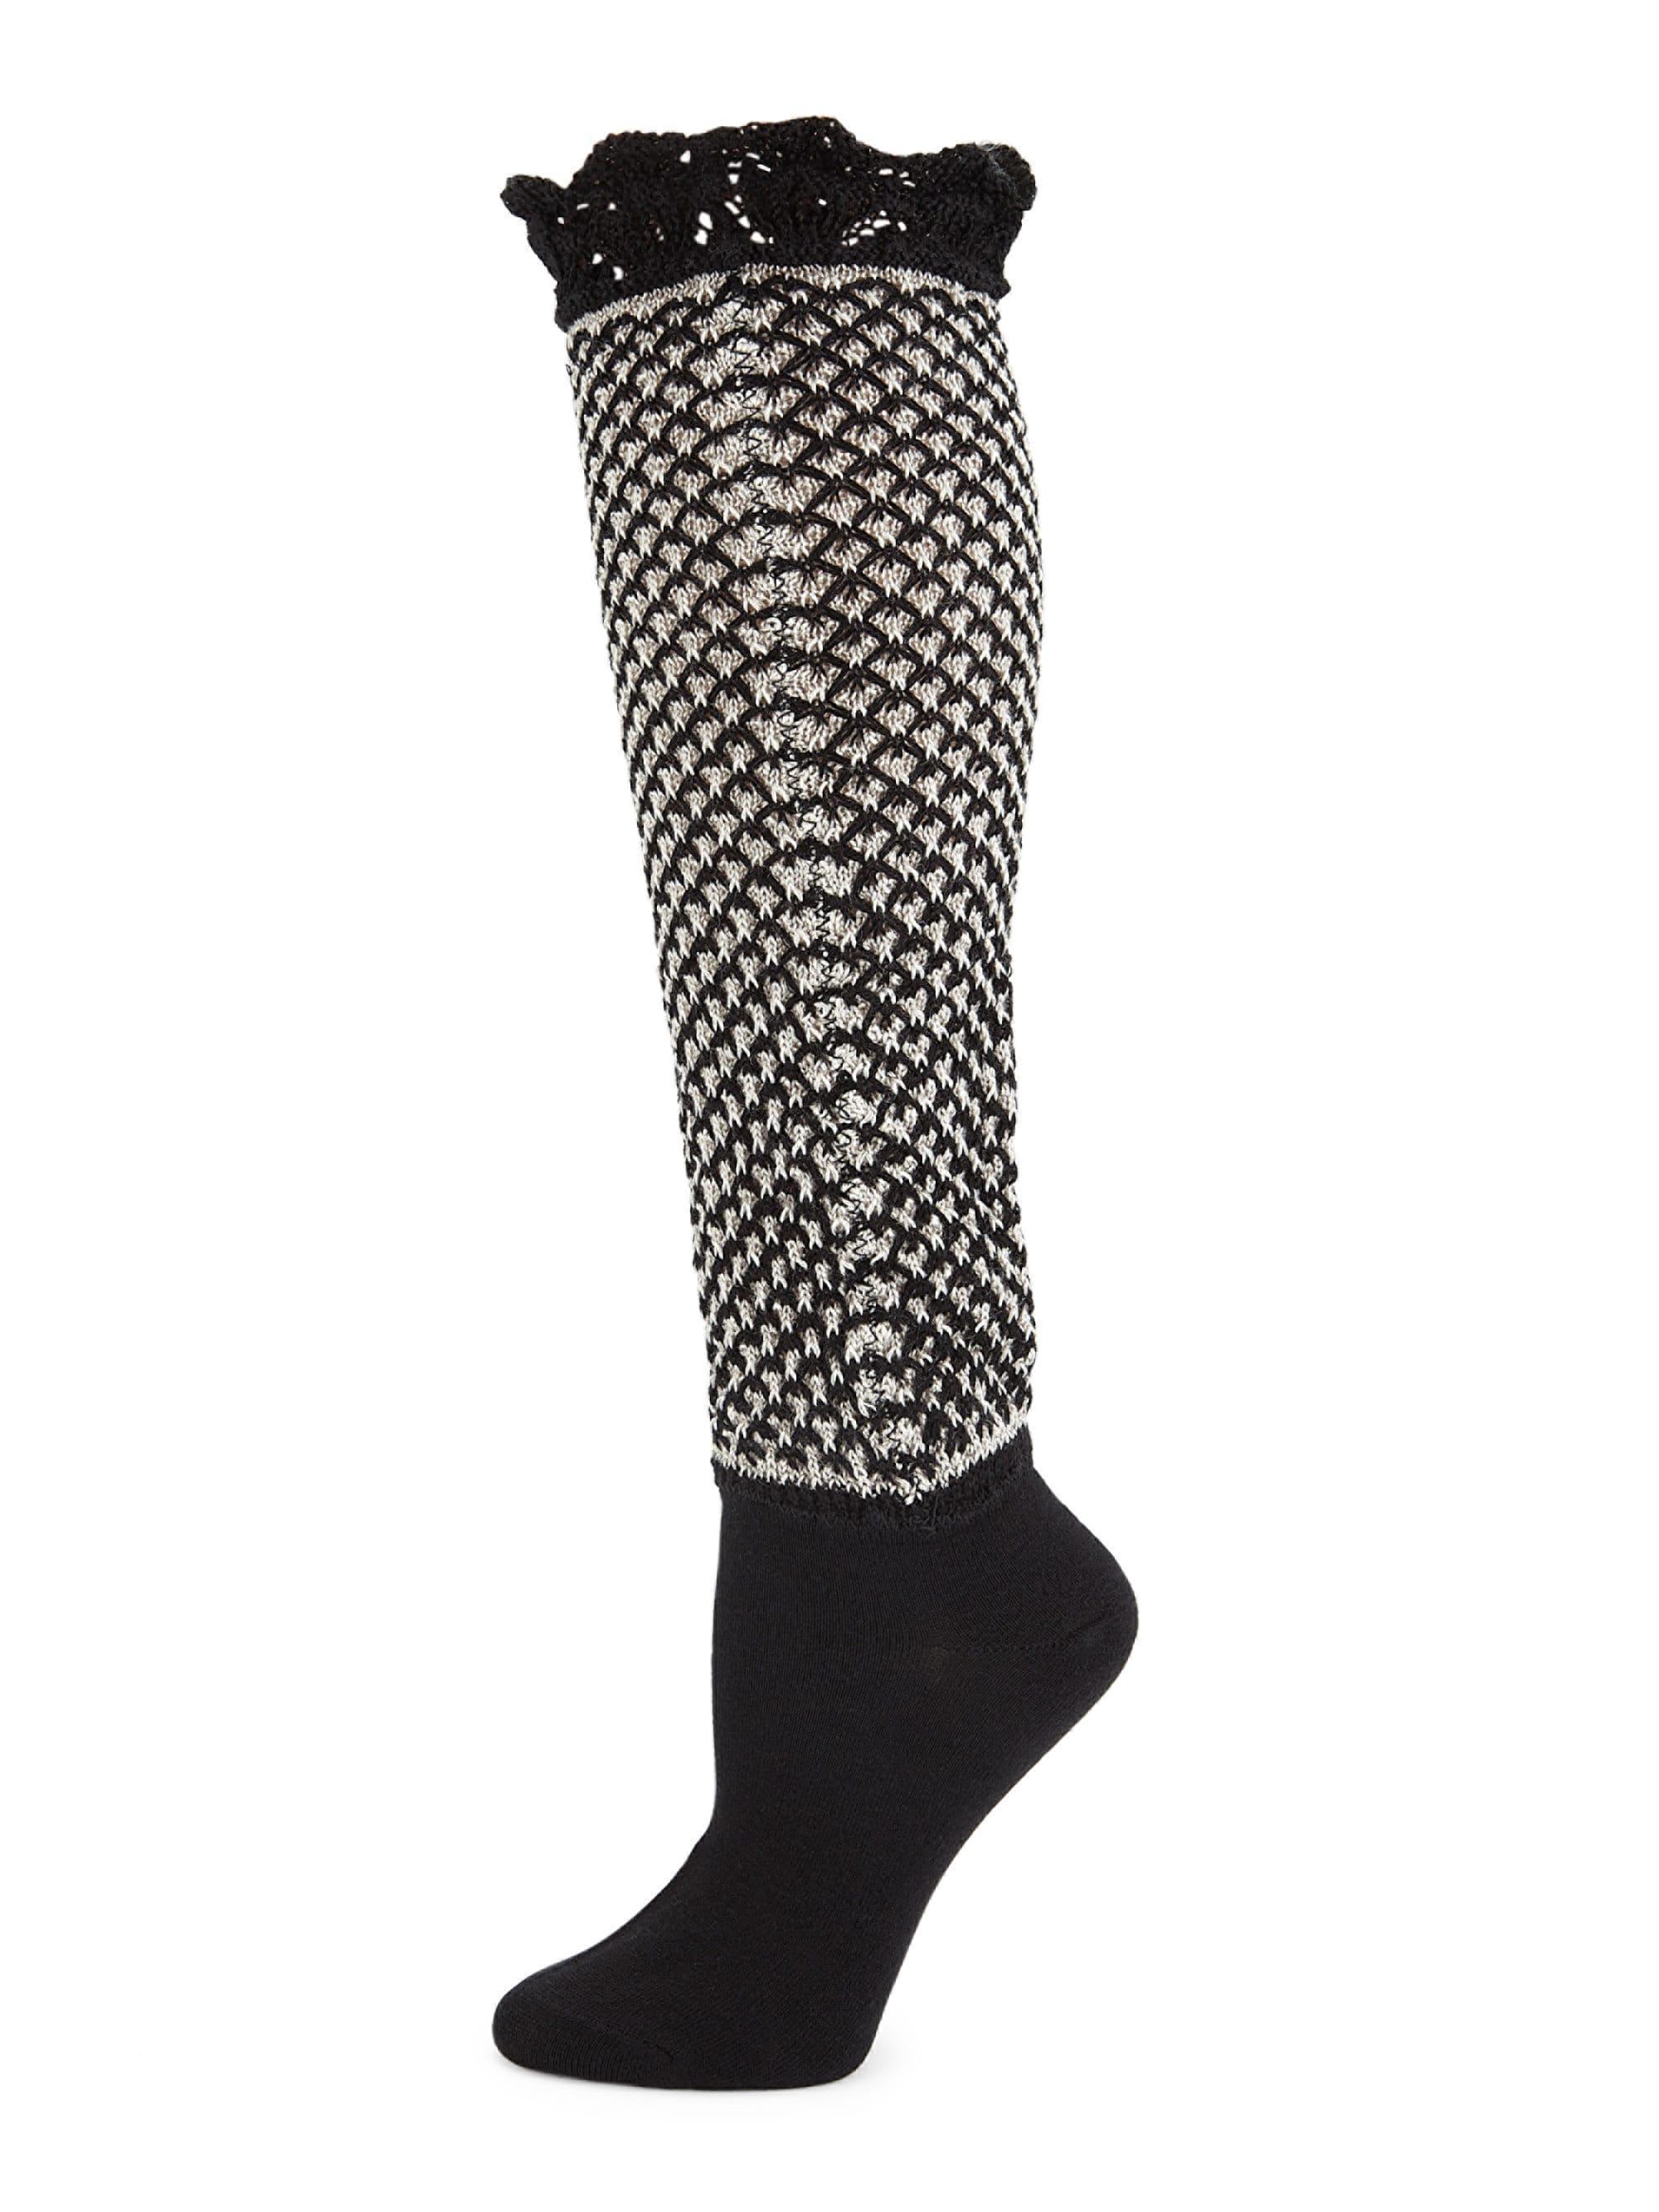 Natori Voile Boot Socks Ckg7aUvlqa